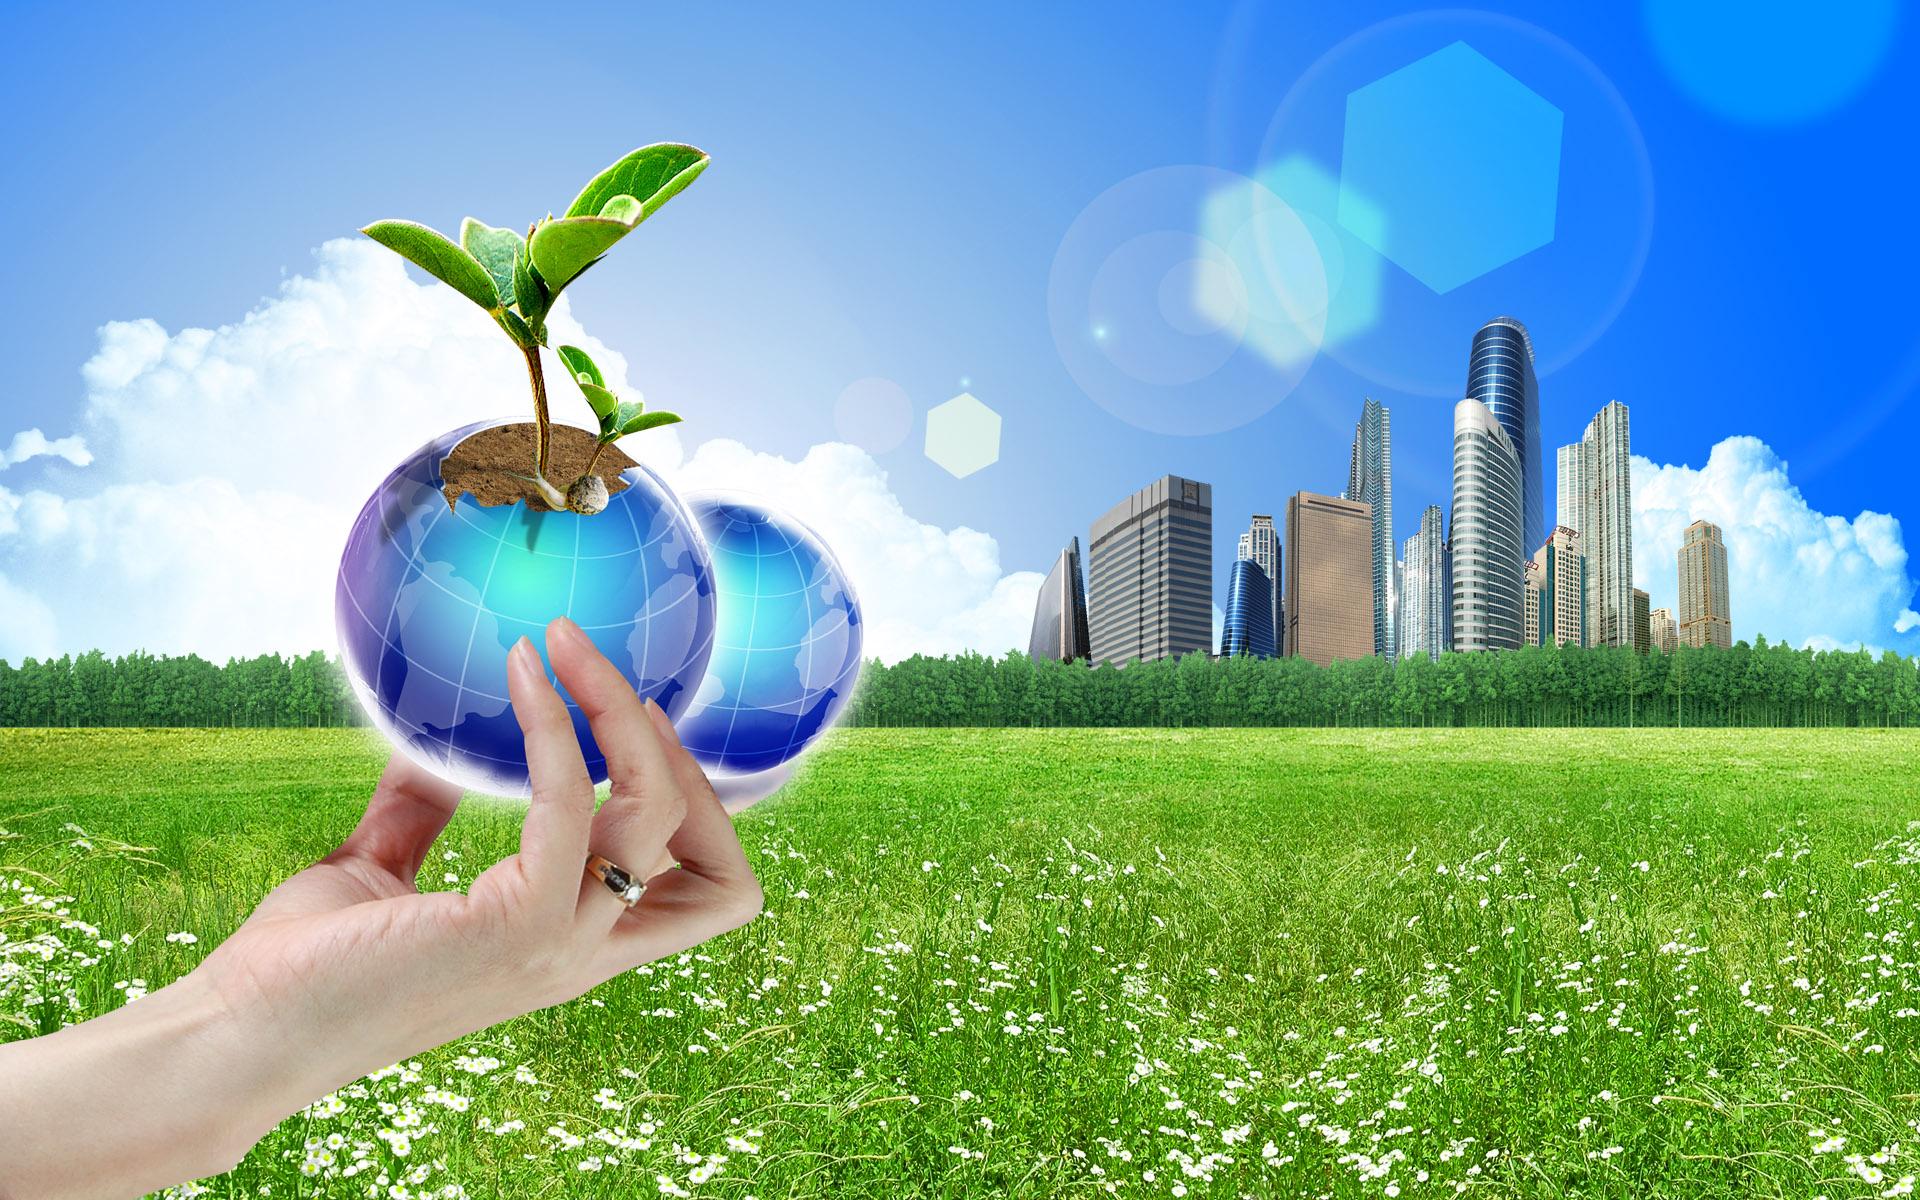 دستیابی به تولید پایدار و سبز با همیاری شرکتهای فناور و دانش بنیان